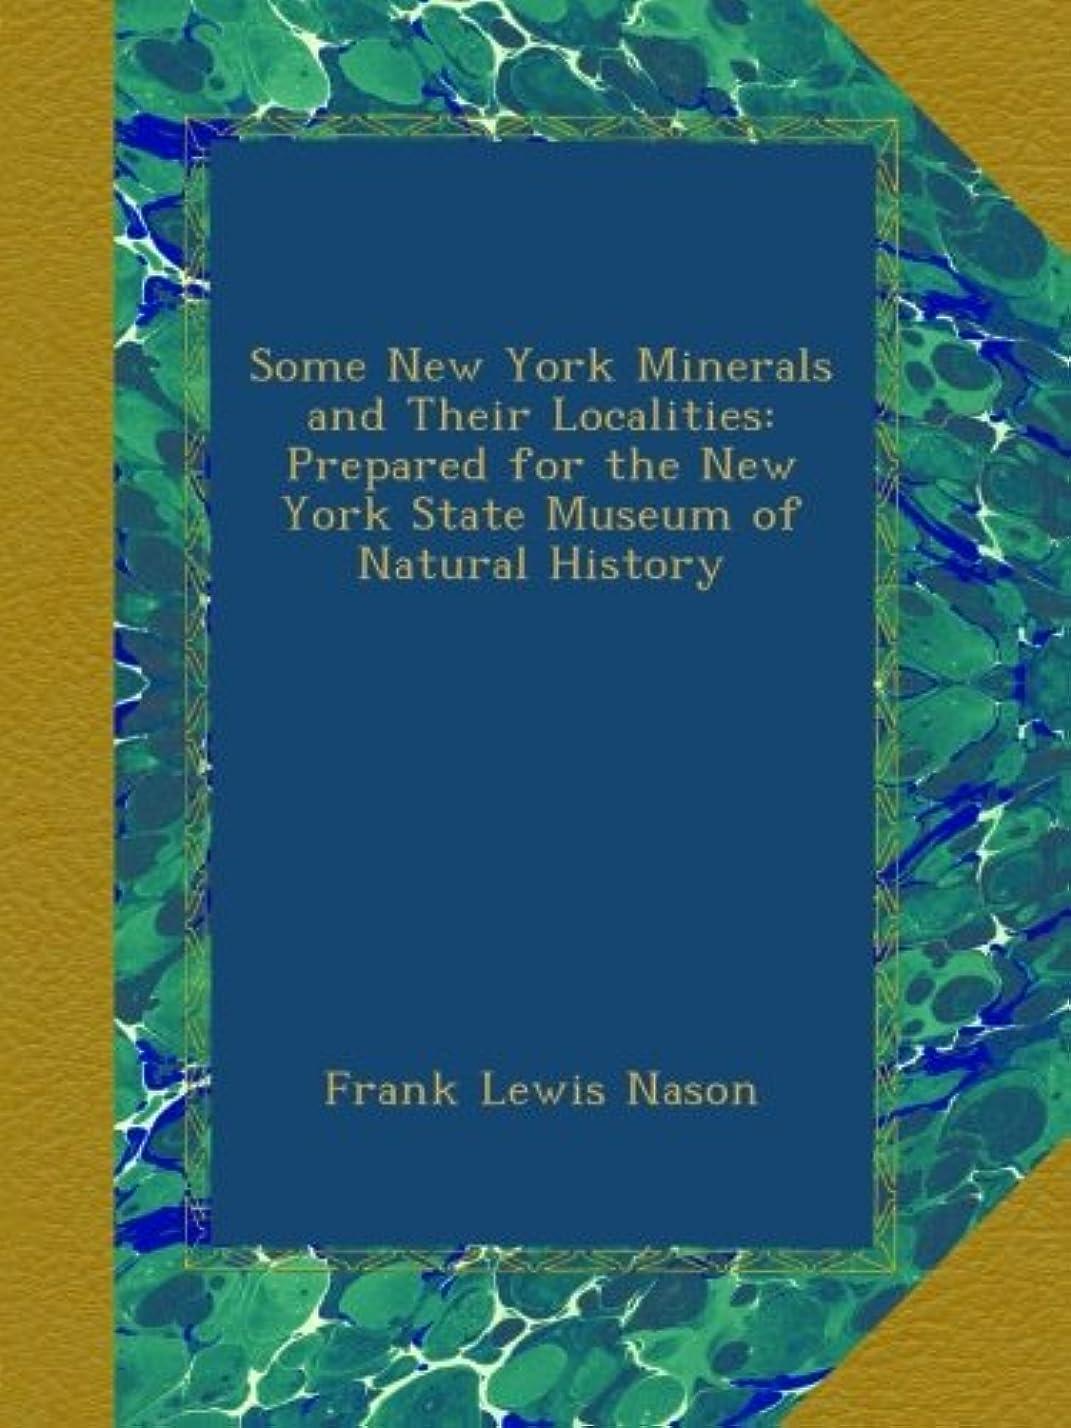 処分したアドバイスガイドSome New York Minerals and Their Localities: Prepared for the New York State Museum of Natural History